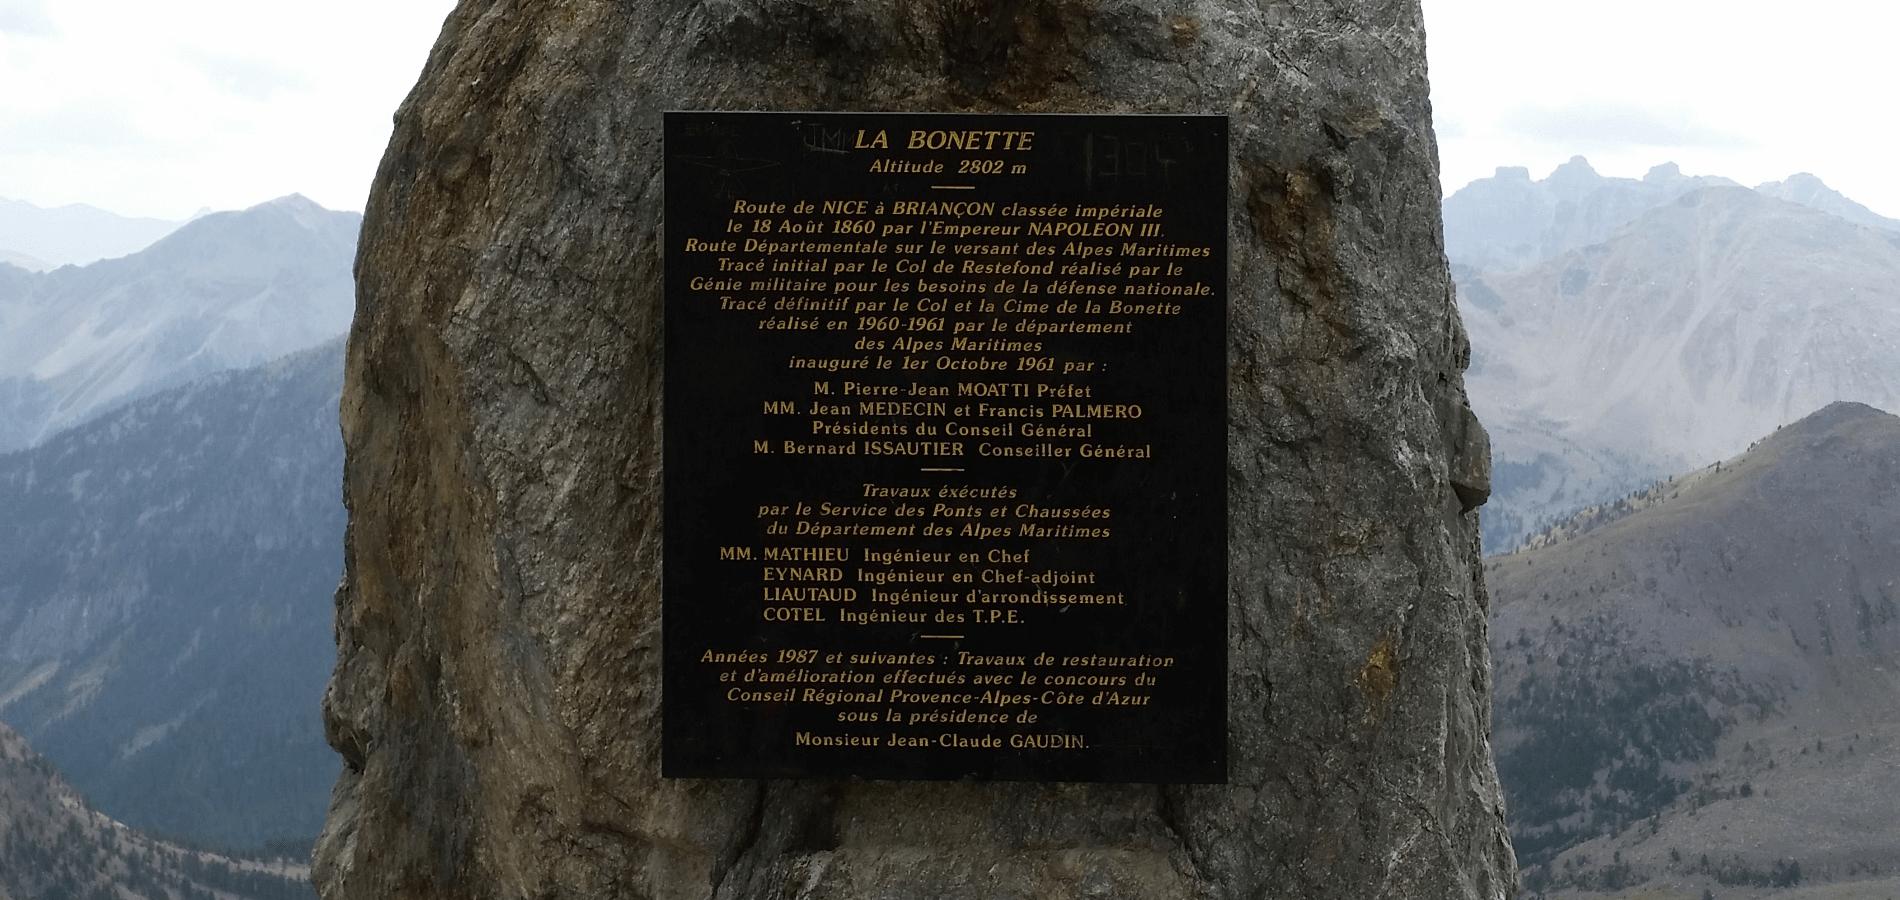 Colle della Bonette